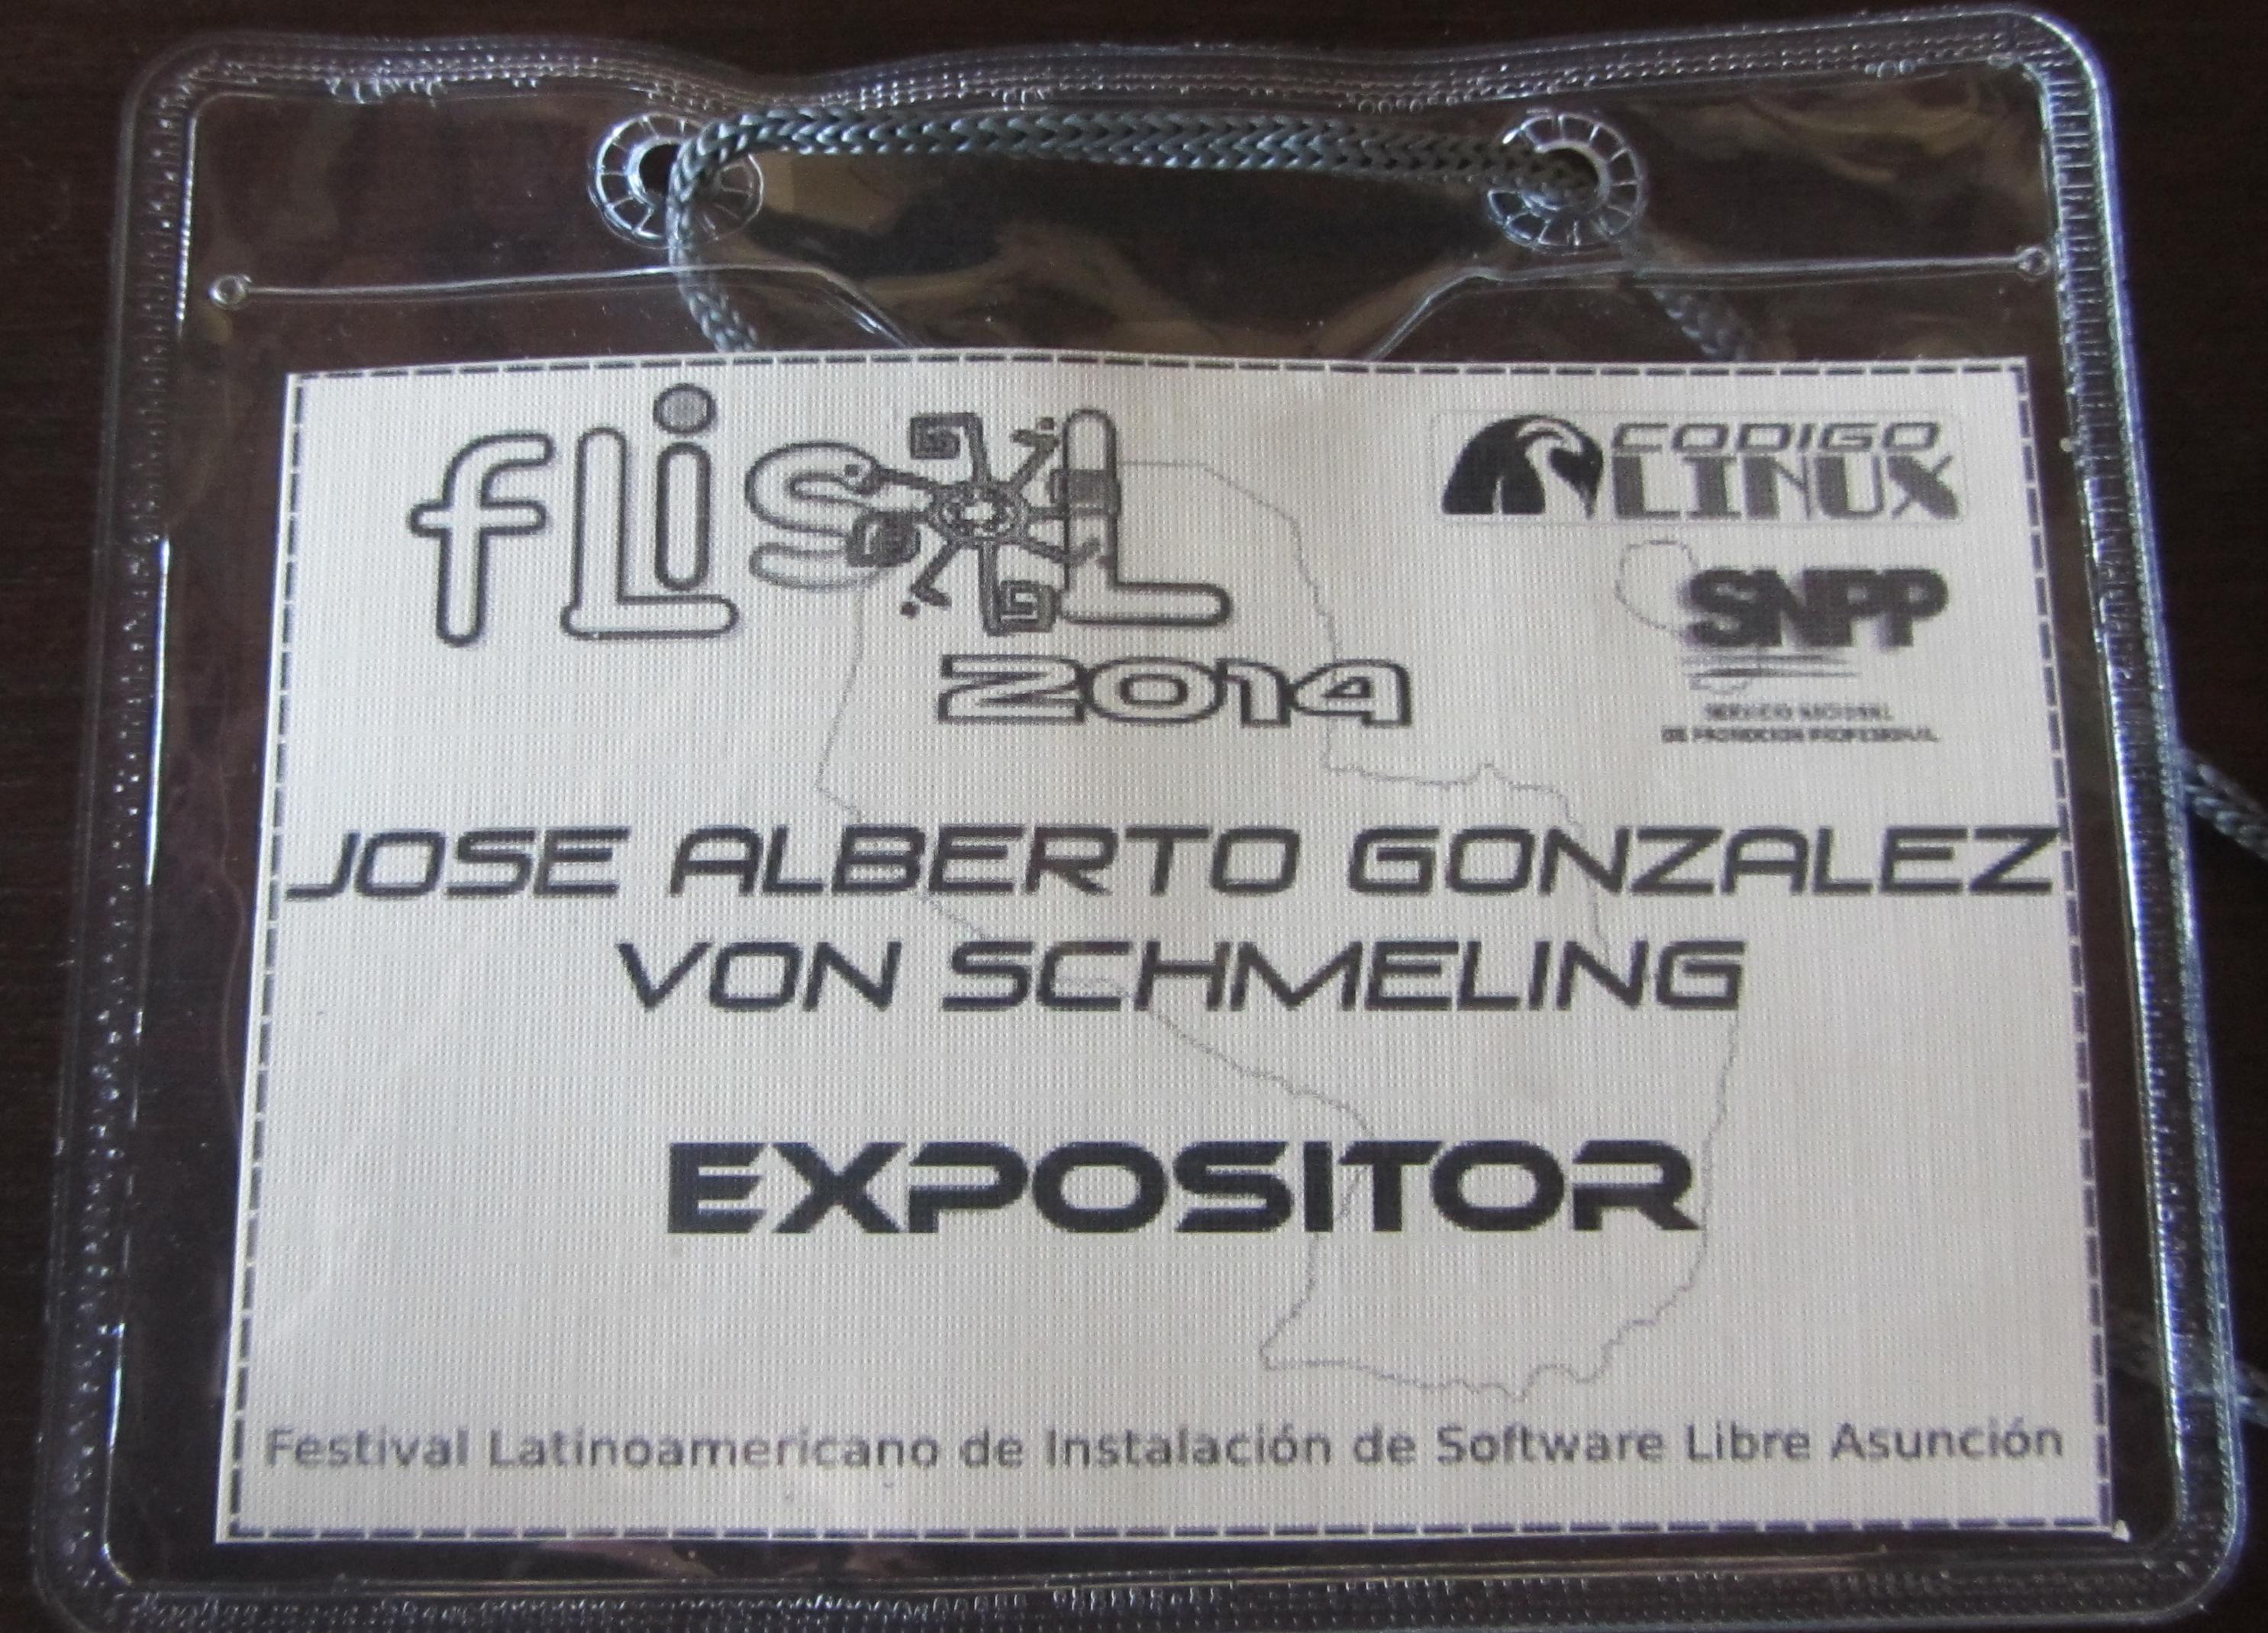 Carnet de expositor FLISOL 2014 Asu